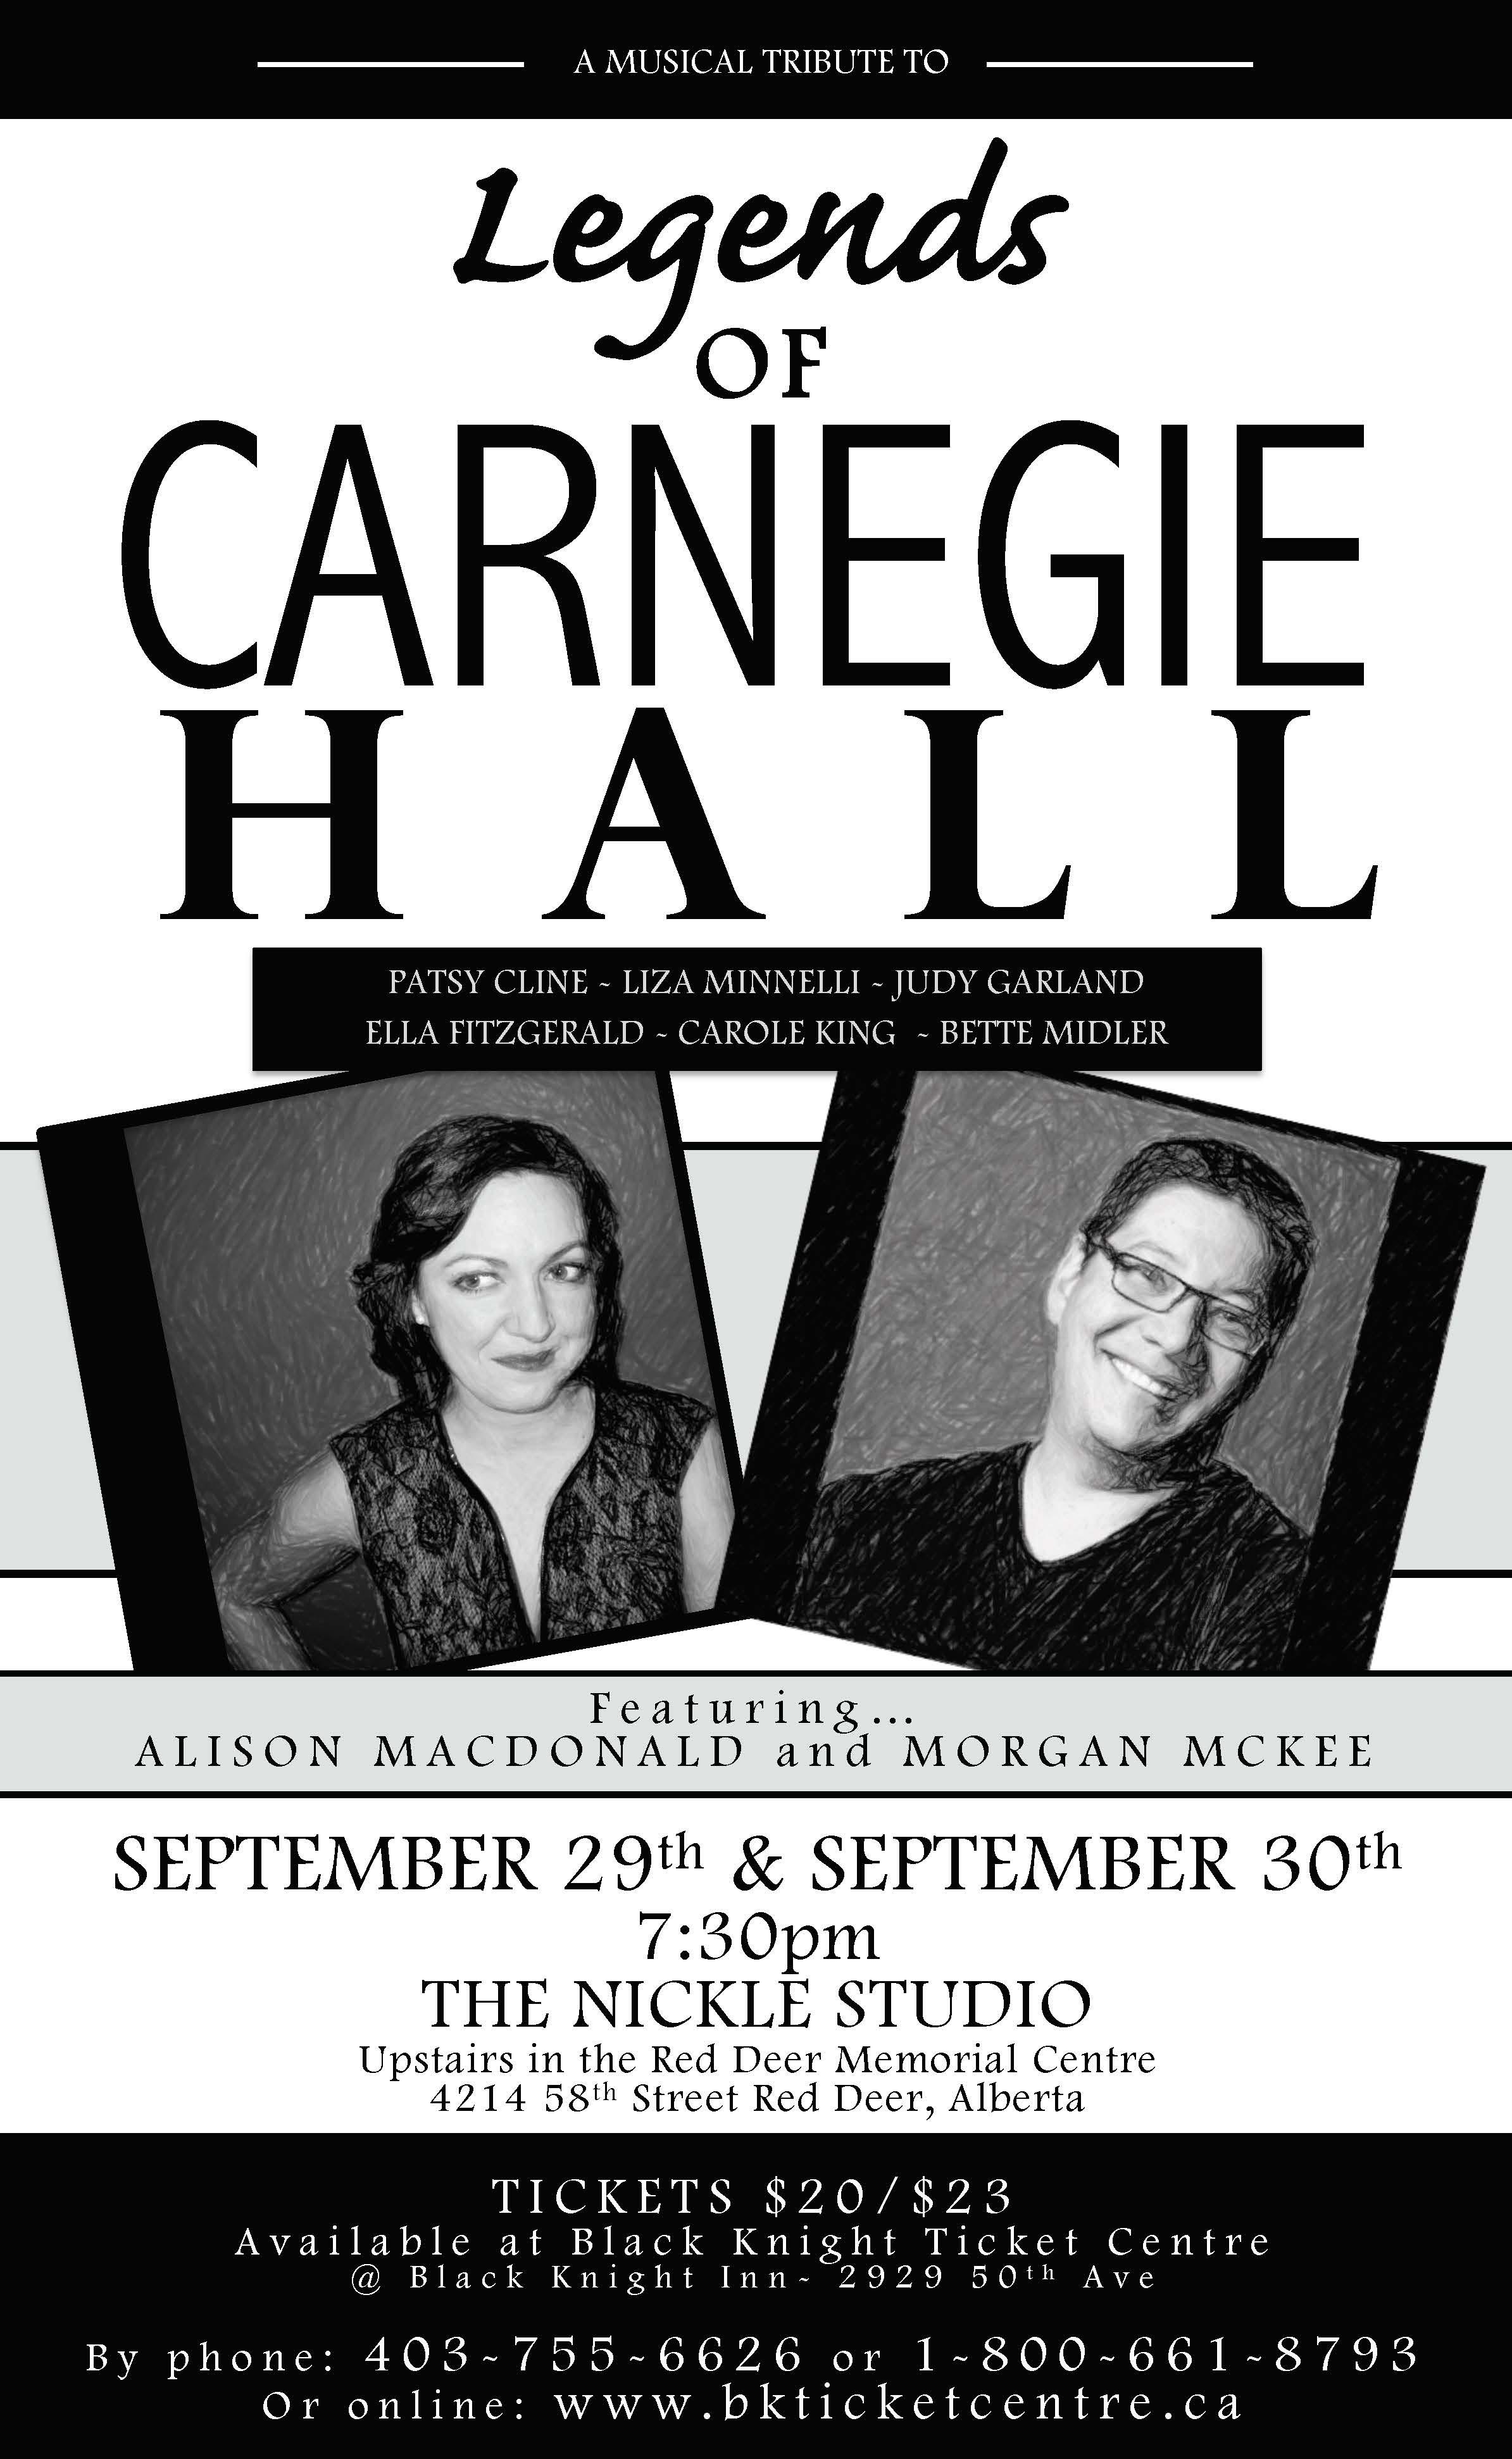 Legends of Carnegie Hall Sept Poster.jpg